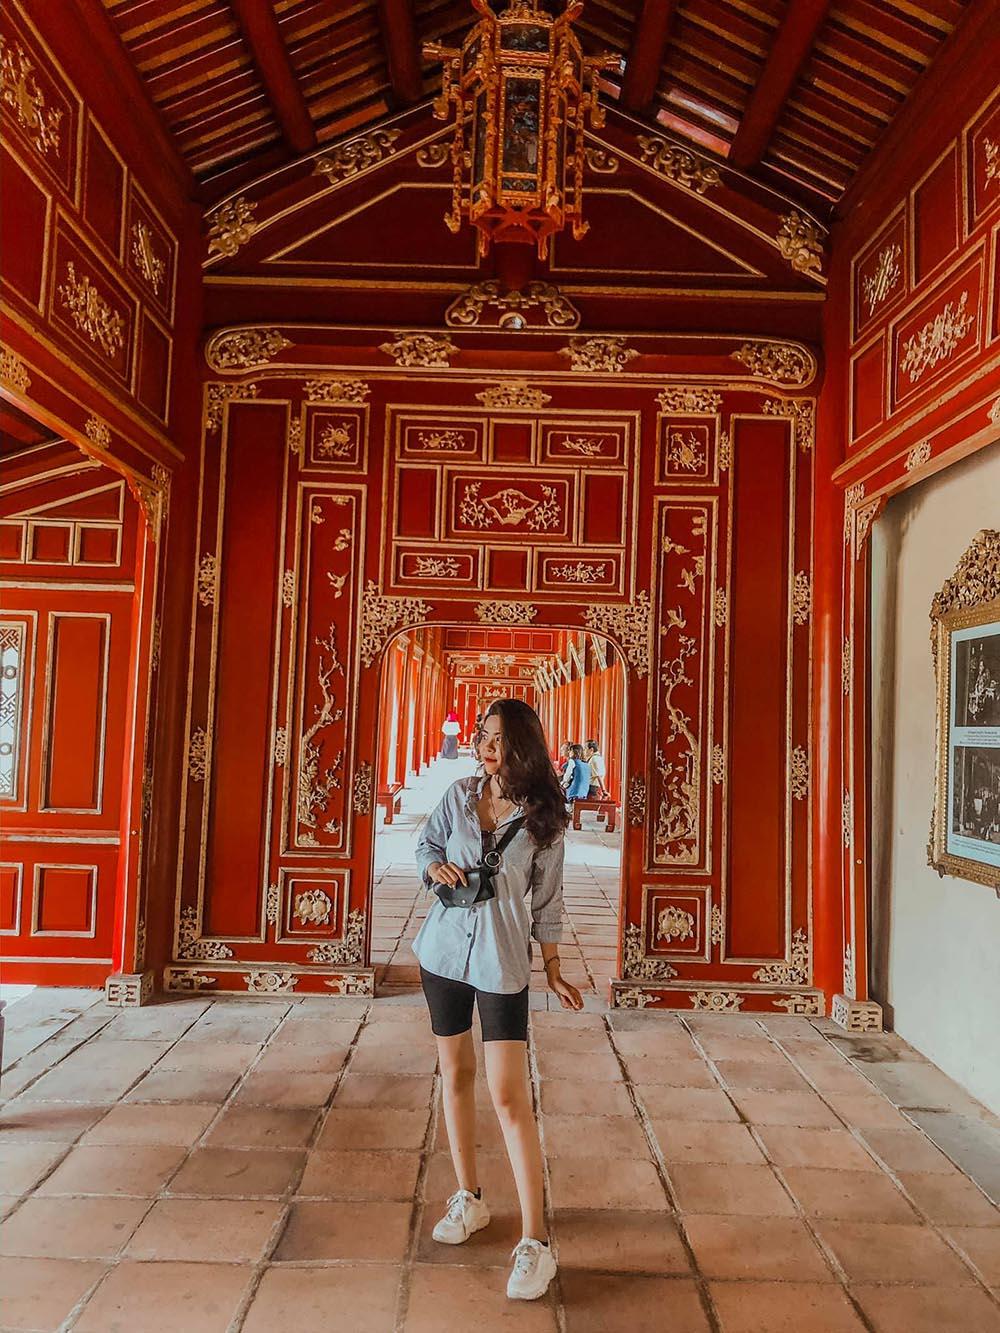 Quan The Di Tich Hoan Cung Hue Dai Noi Hue Review Hue Da Nang Hoi An Ninh Binh 7n7d Chi Voi 8 Trieu Tin Duoc Khong 07